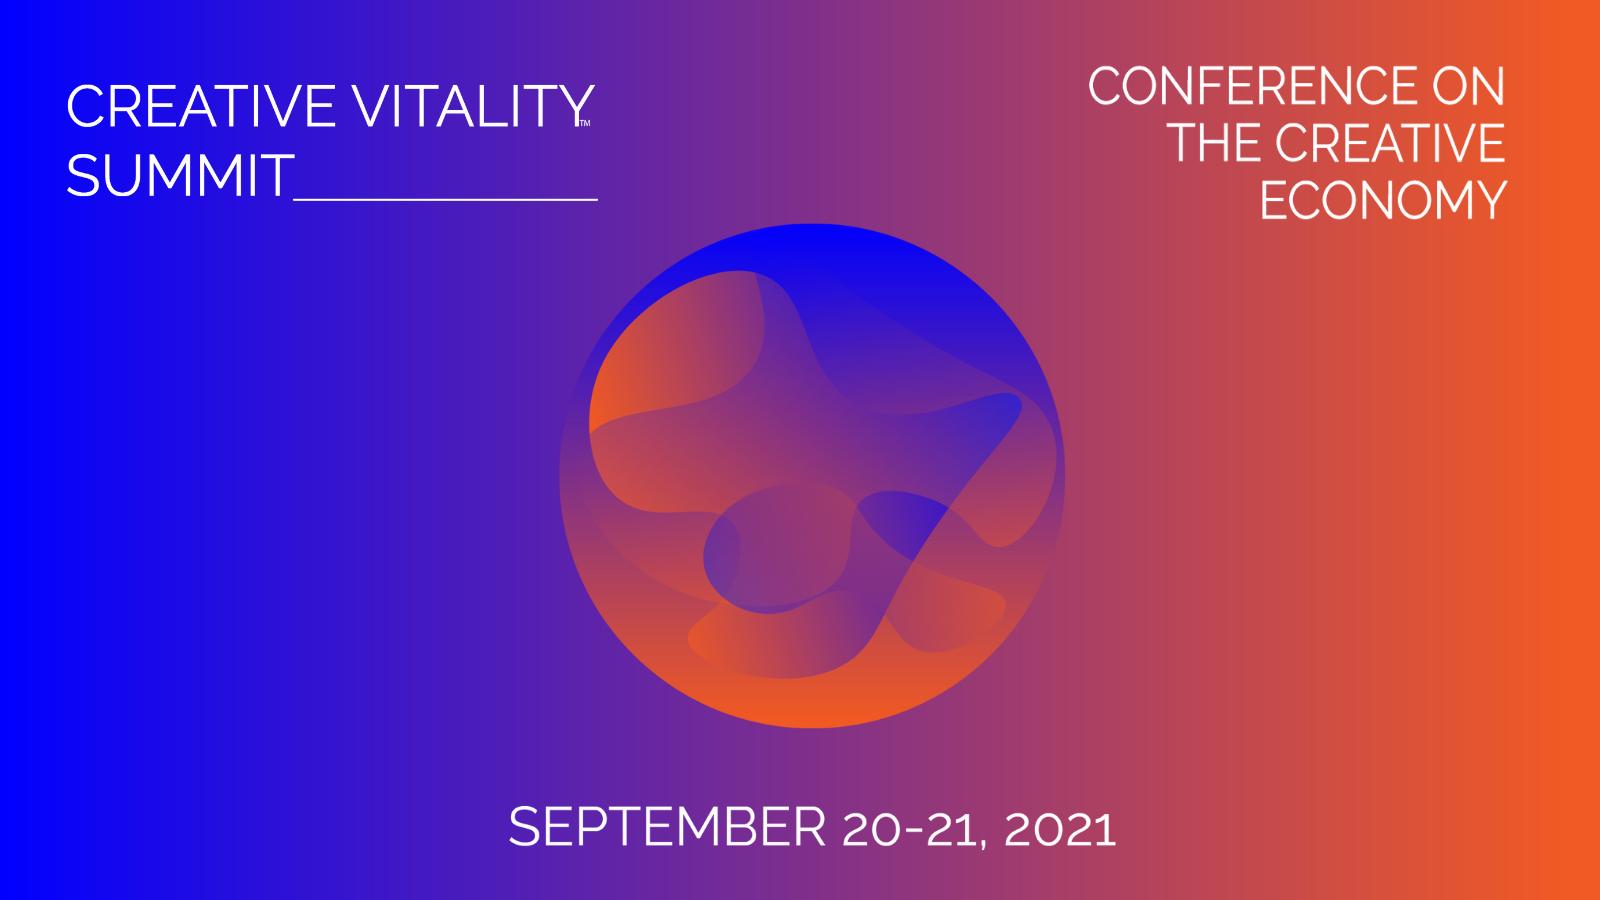 2021 Creative Vitality Summit